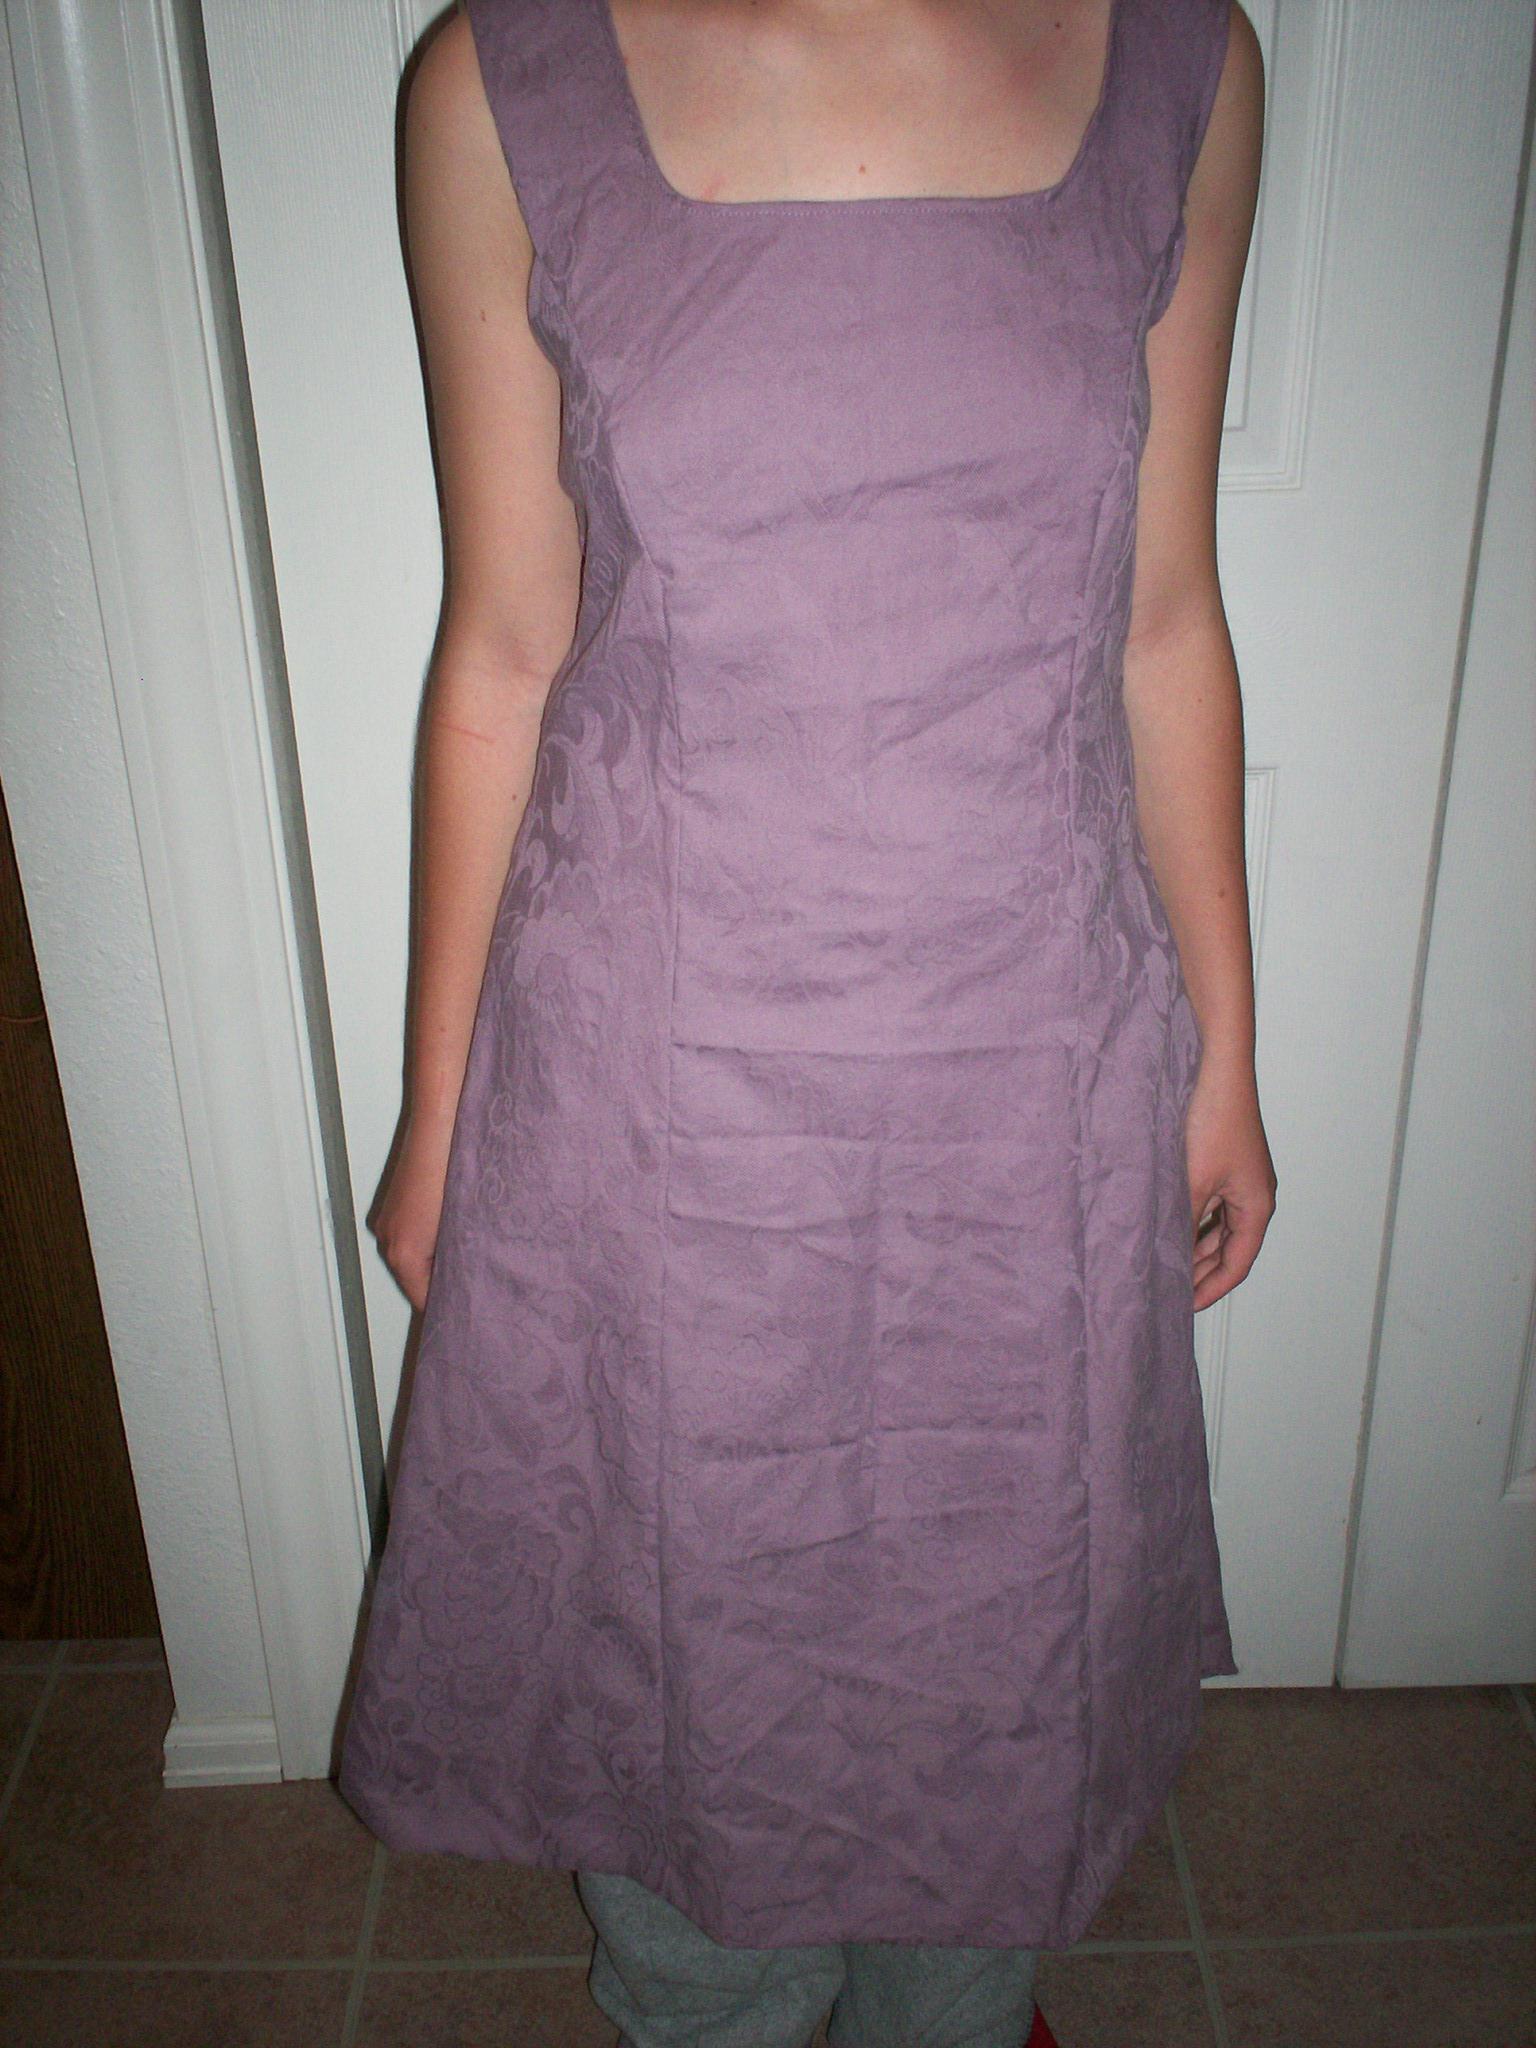 Princess Seam Dress Sewing Pattern